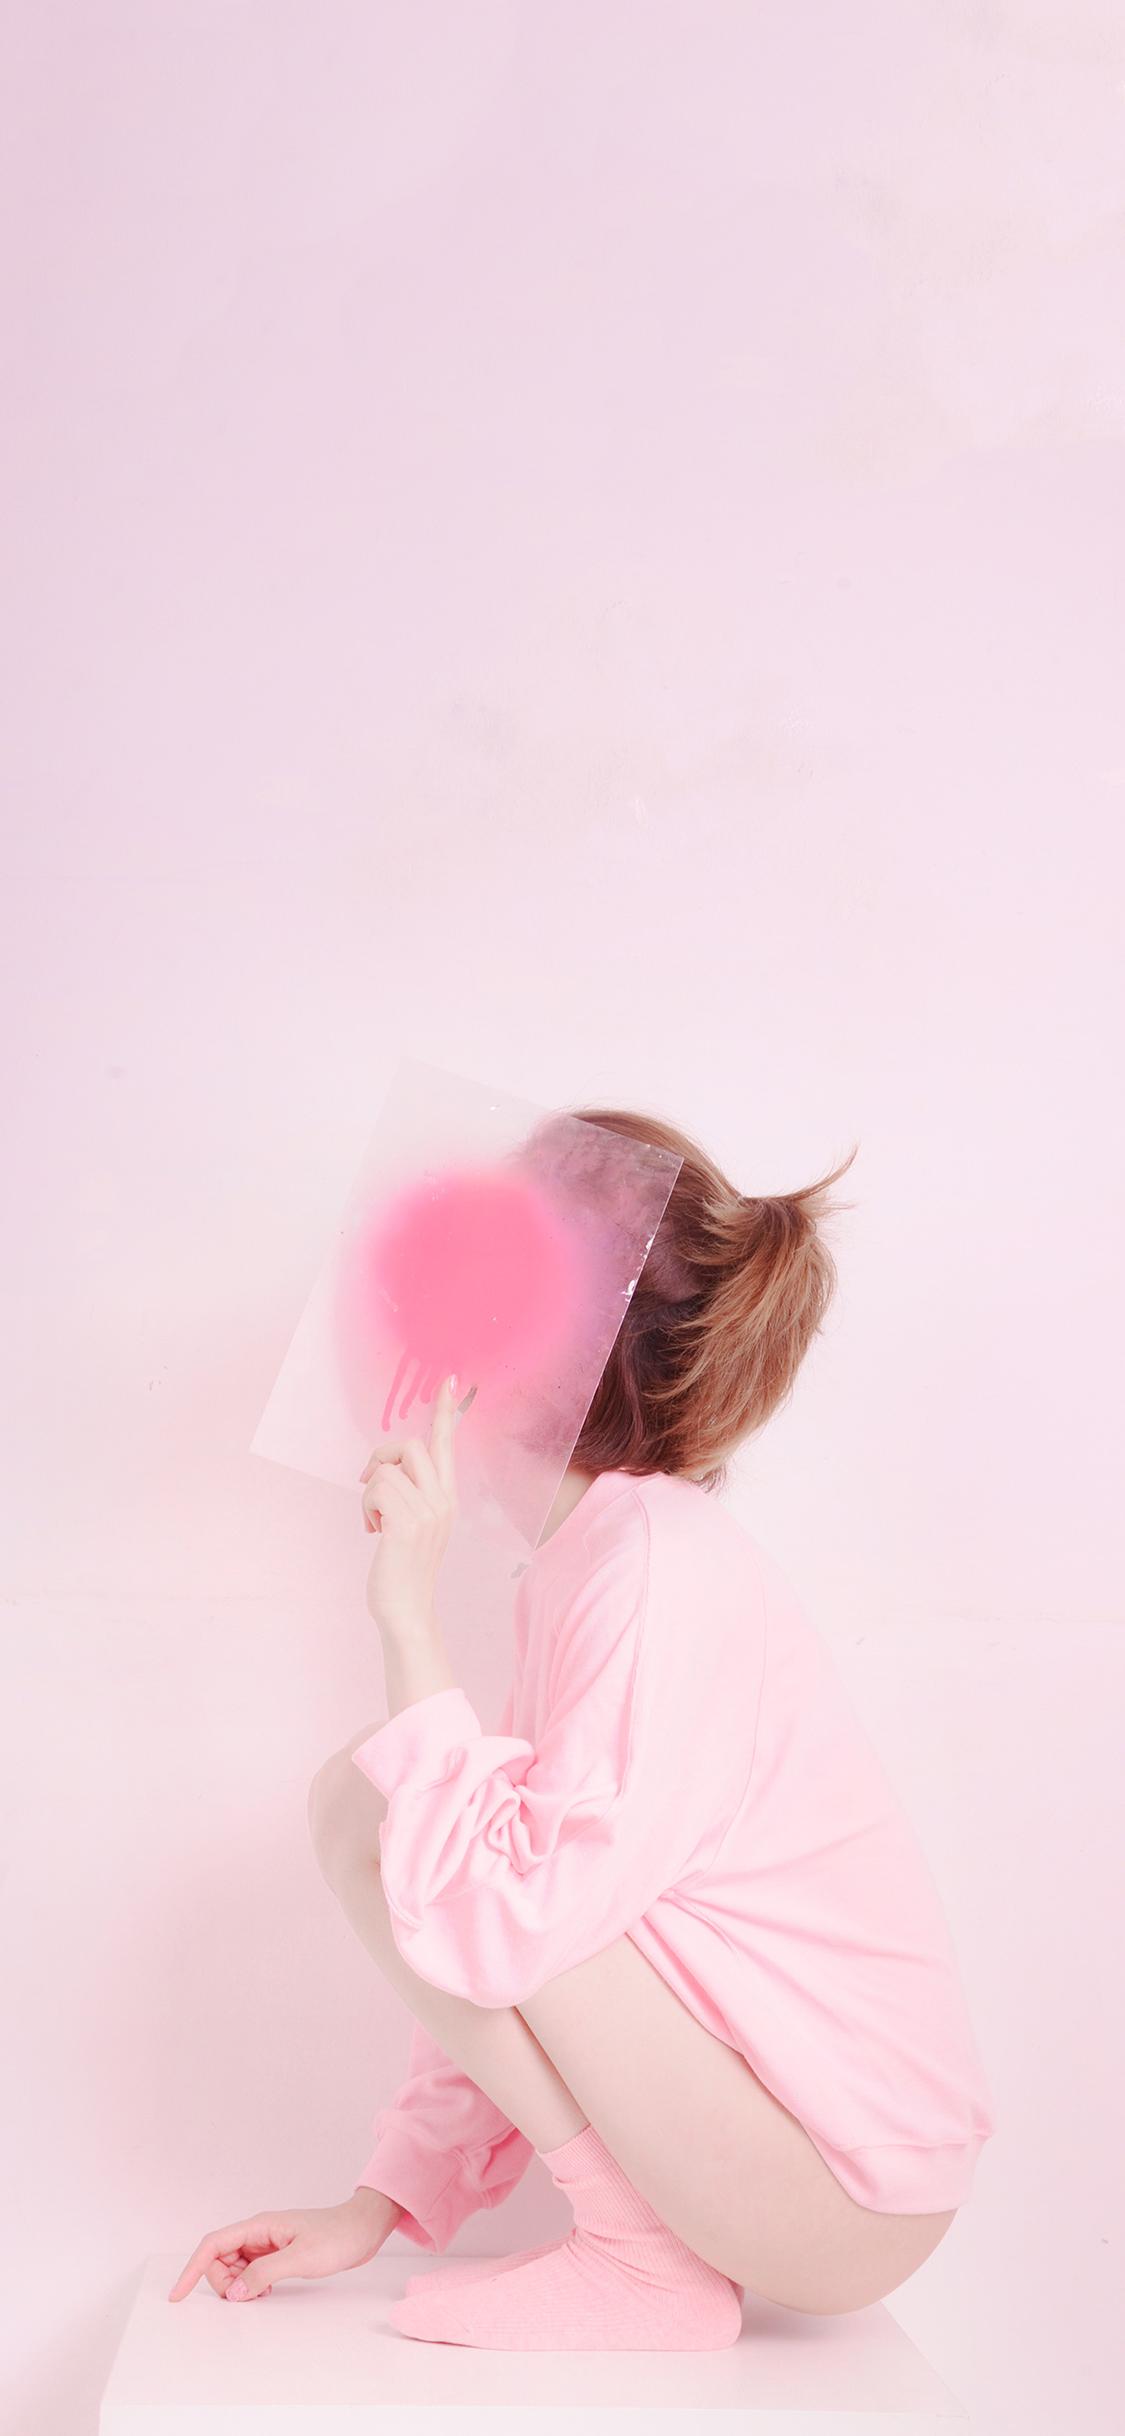 女孩粉色蹲姿甜美苹果手机高清壁纸1125x2436 必威体育 首页